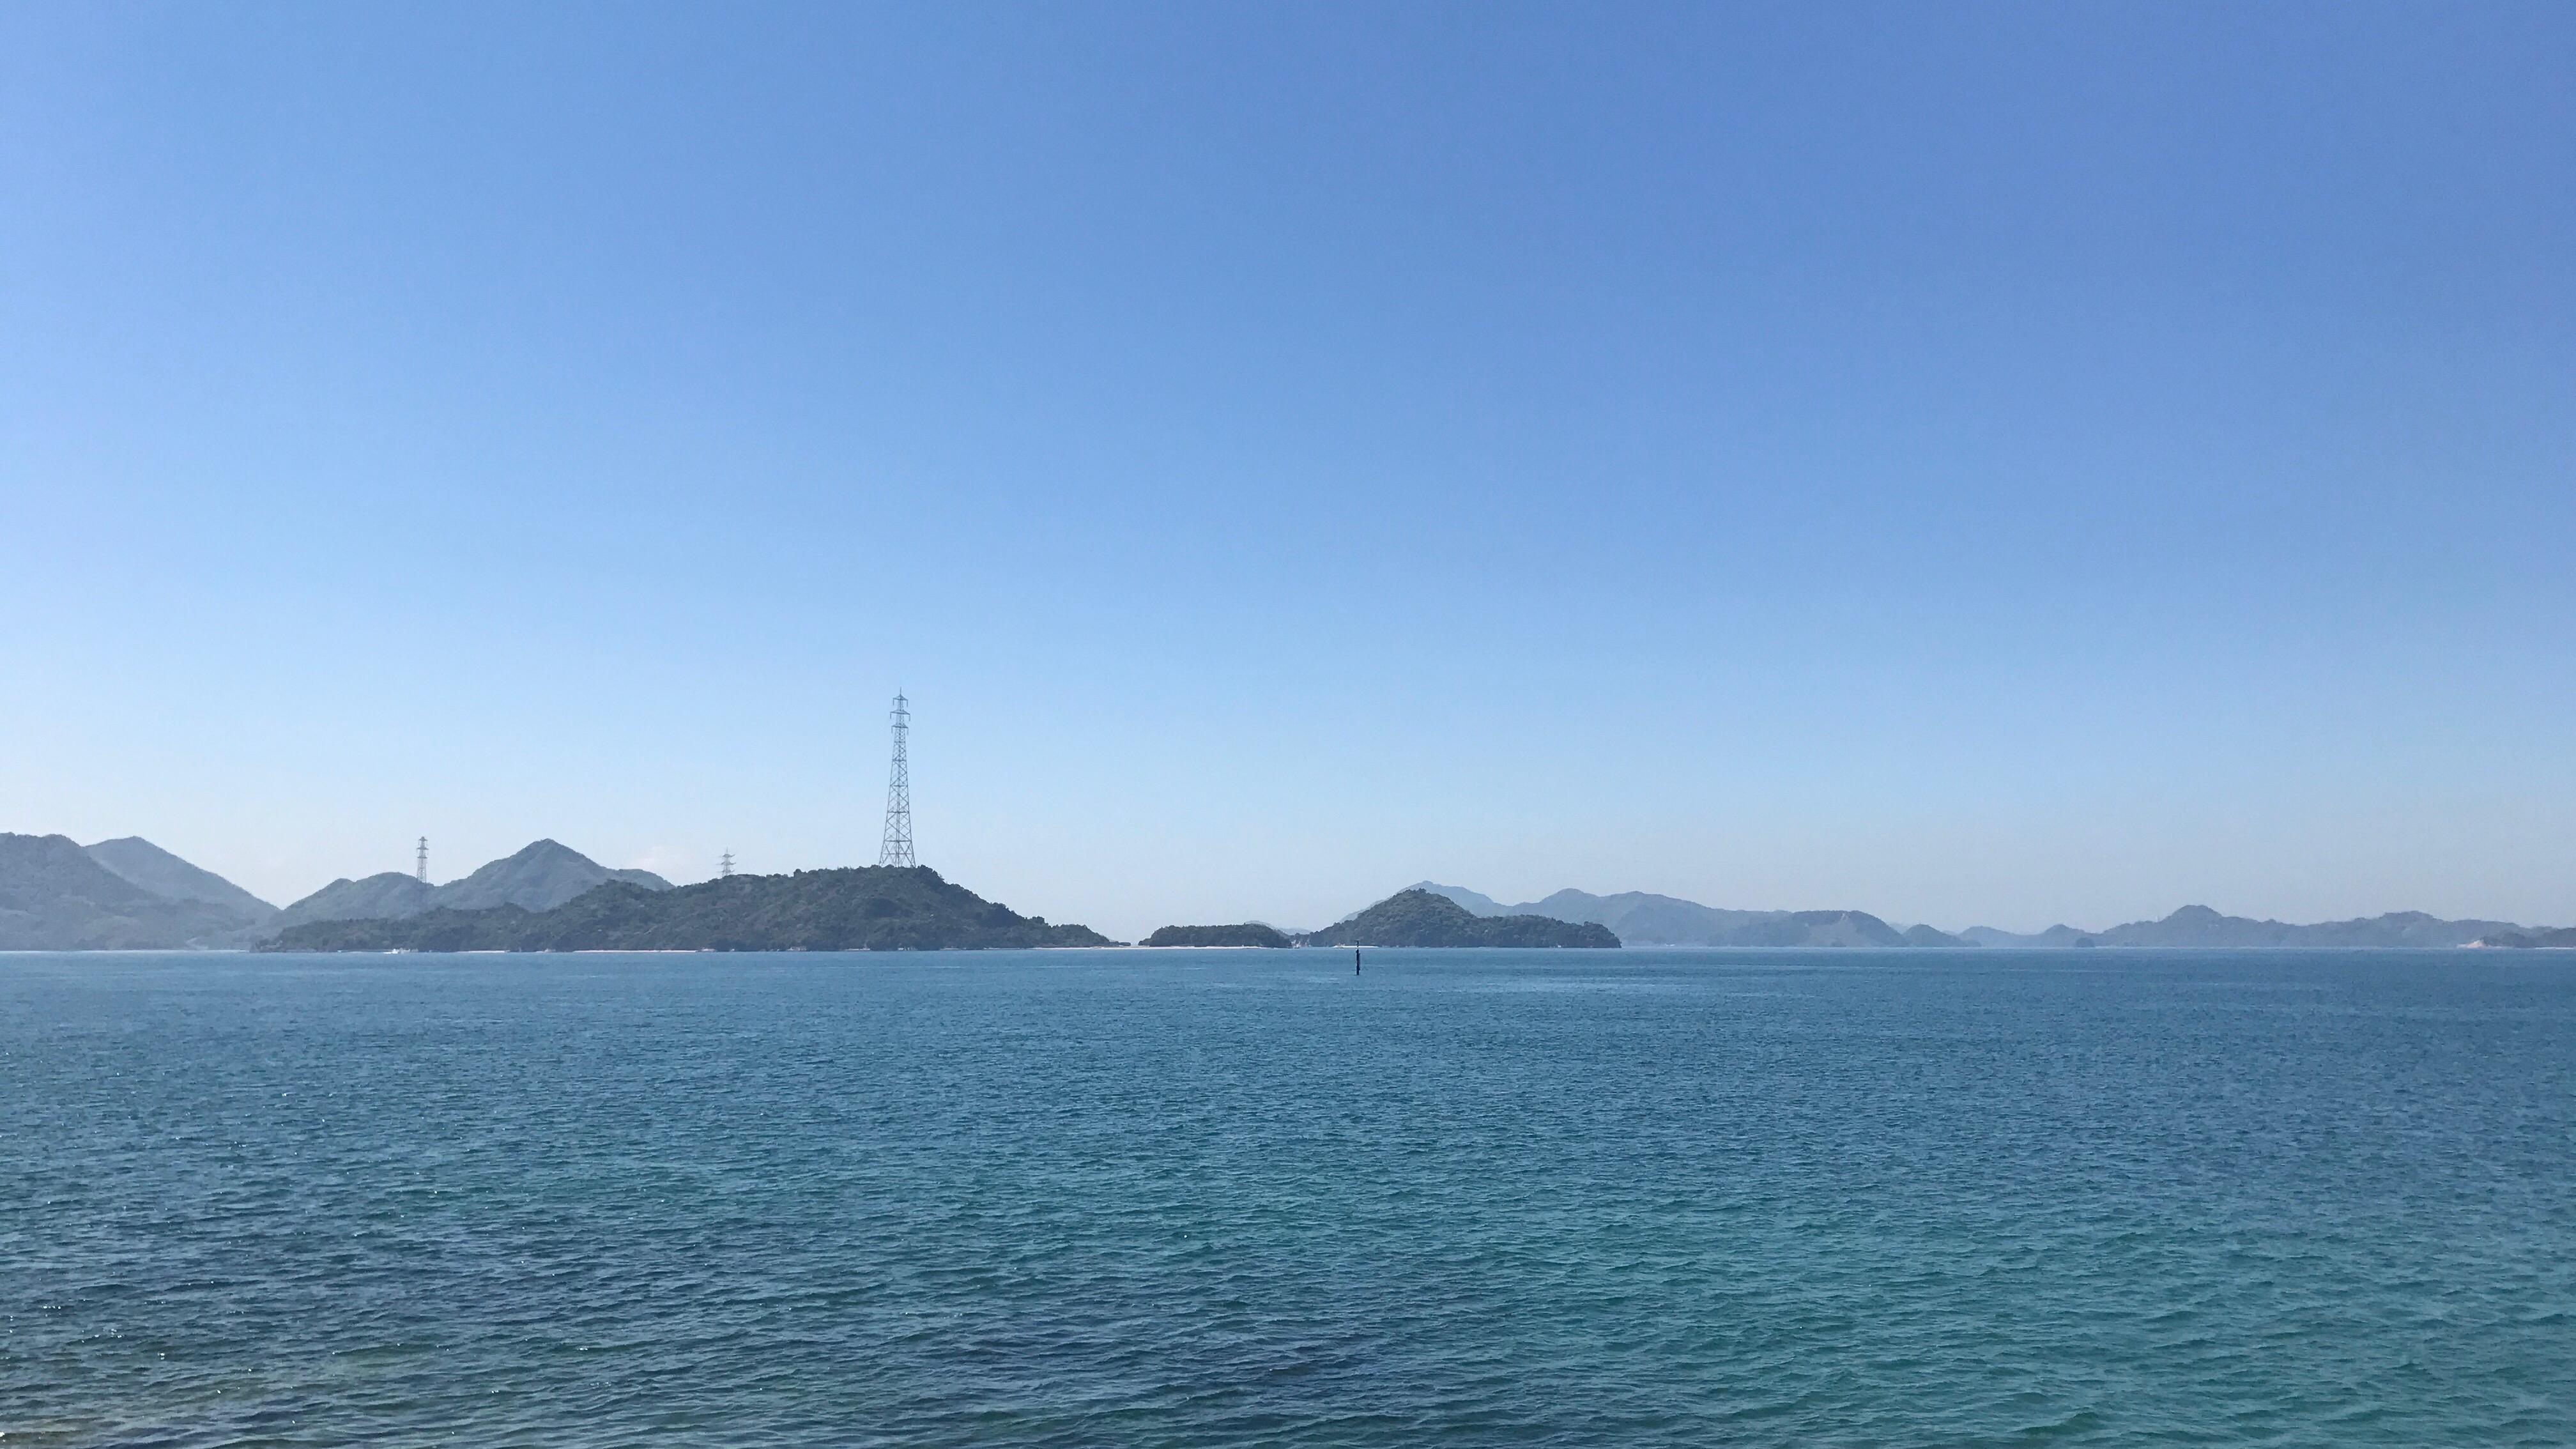 Along the Coast of the Seto Inland Sea